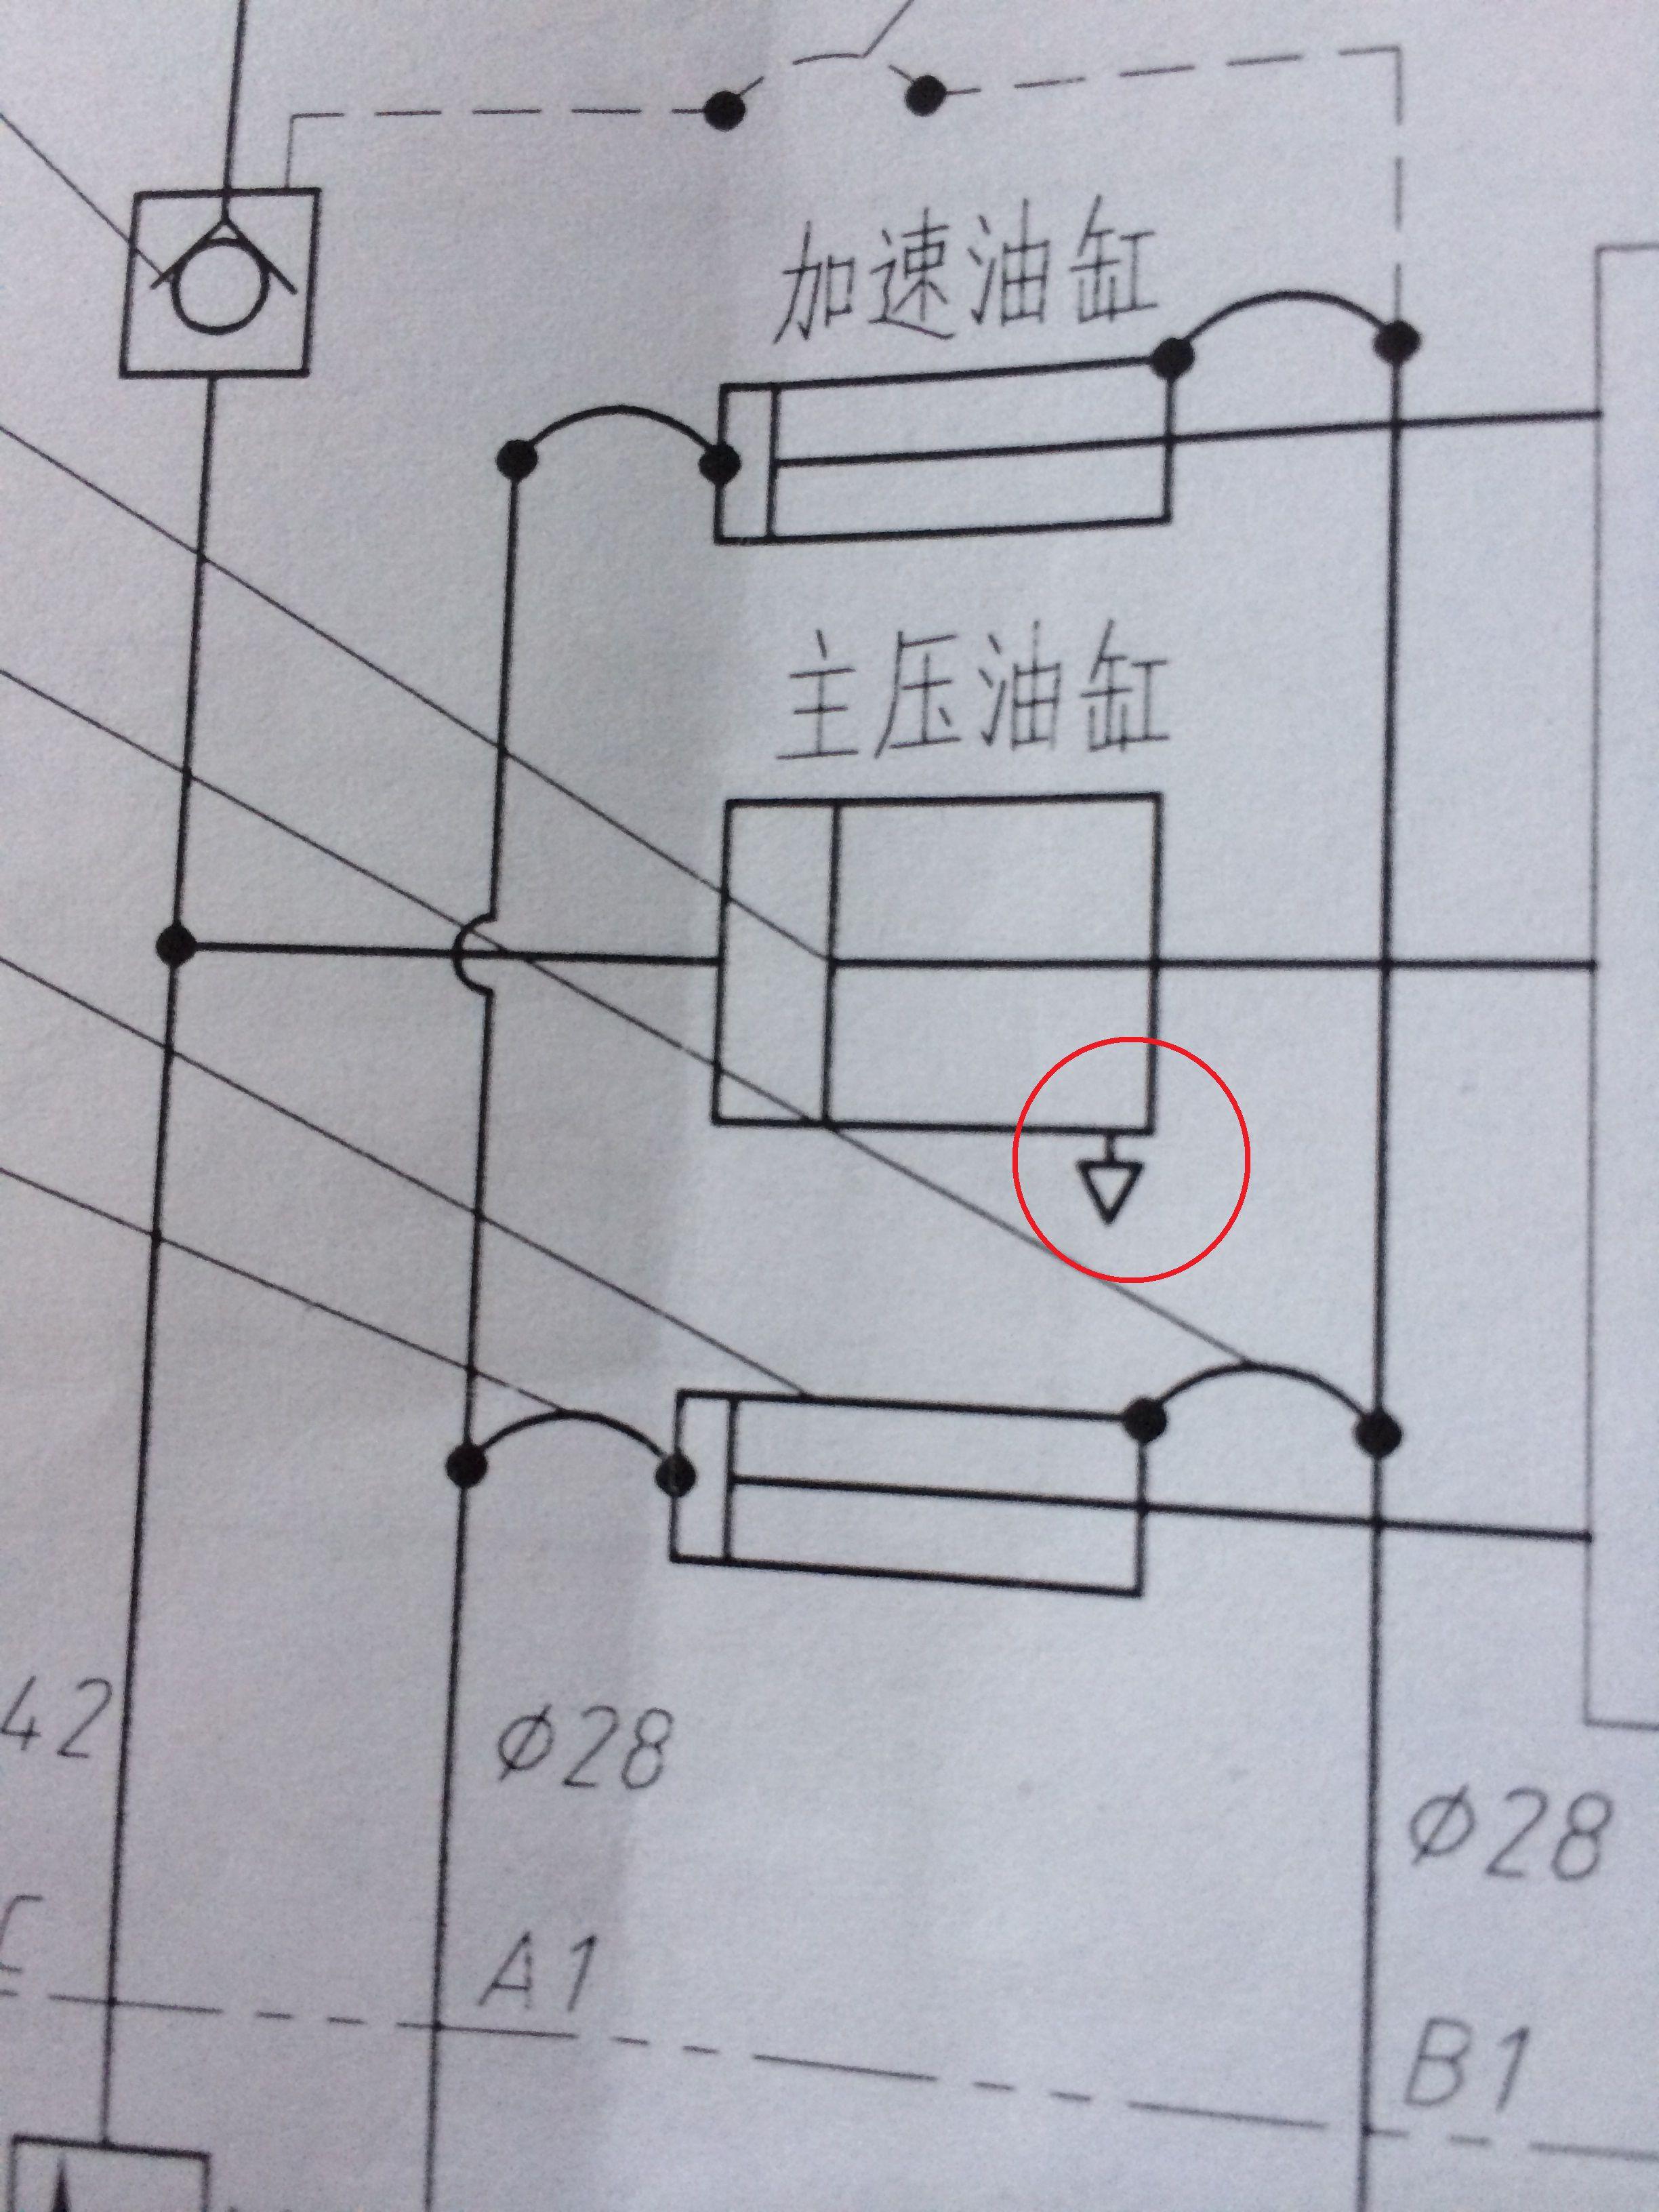 如图,液压缸红色线圈中,三角形符号什么意思图片